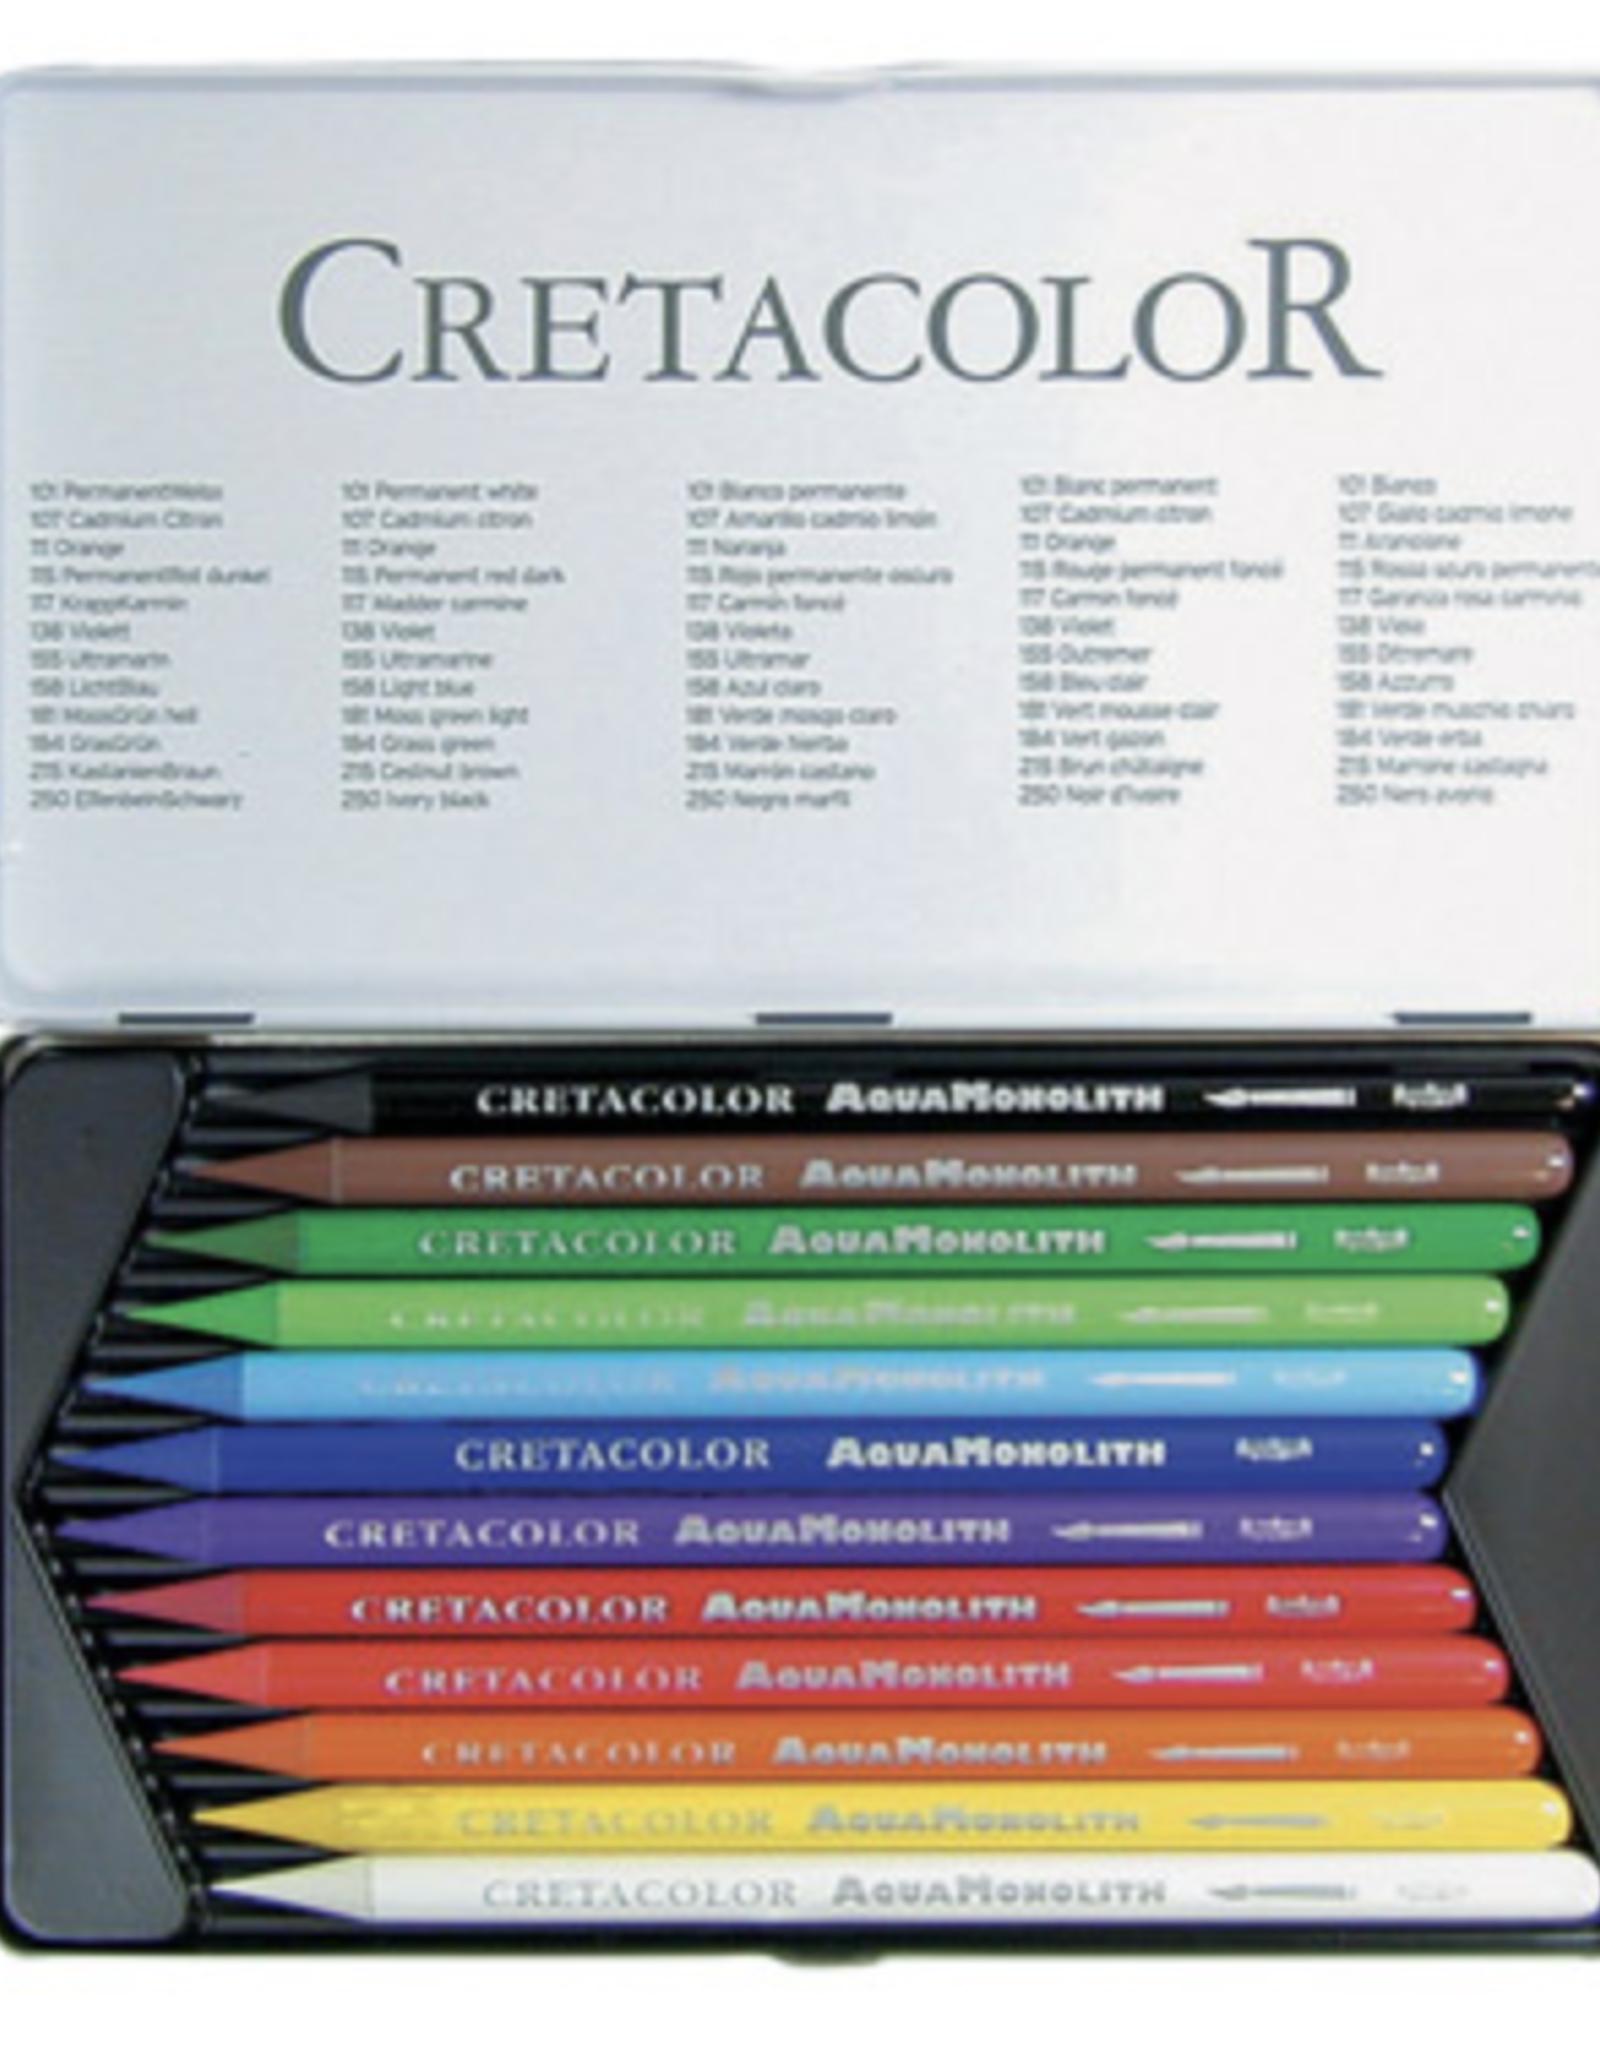 Cretacolor, Aqua Monolith Pencil, Metal Tin Set of 12